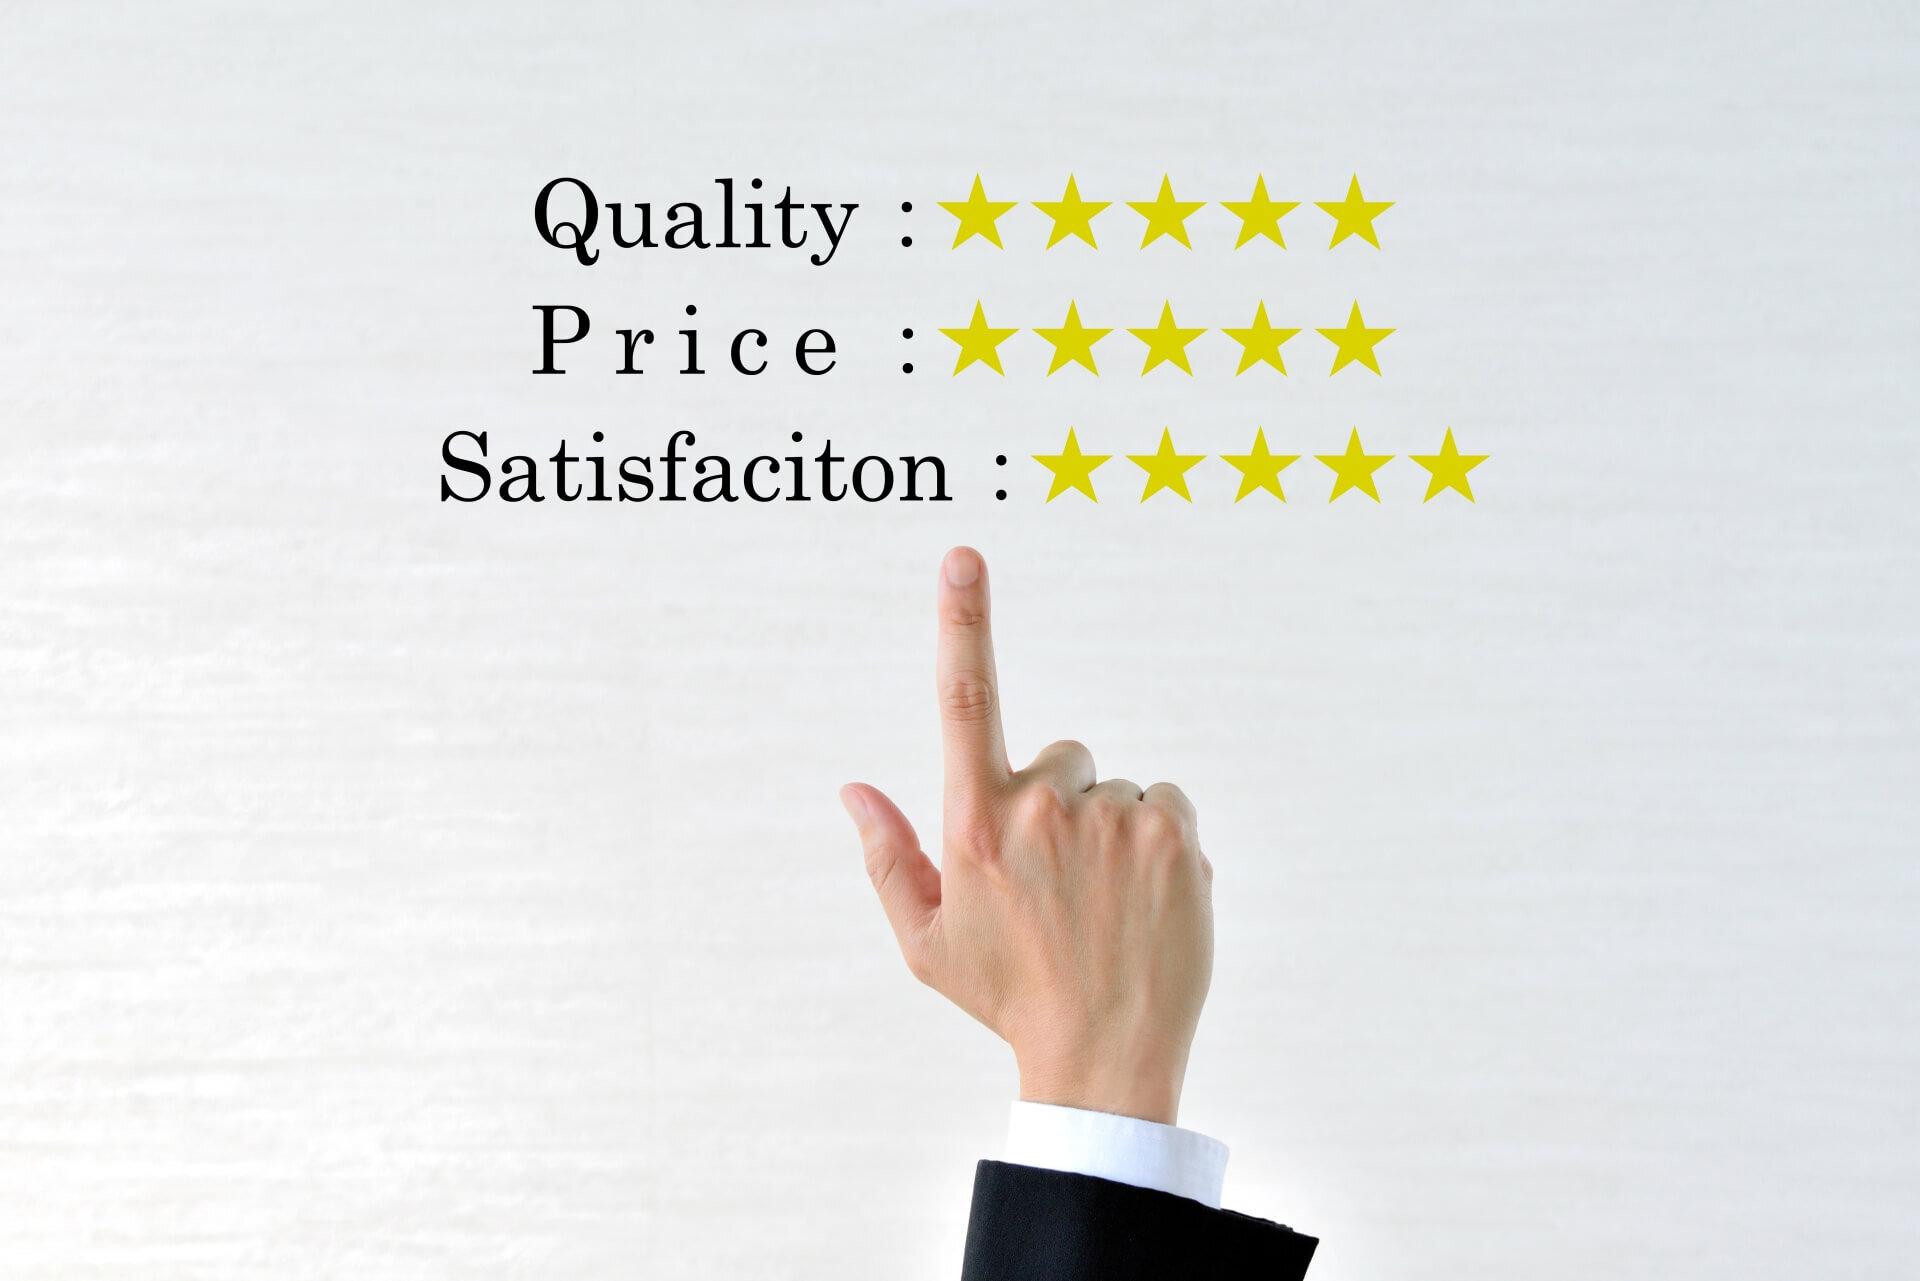 ポスティングの依頼は安さではなく継続して成果の改善提案する業者を選ぶこと